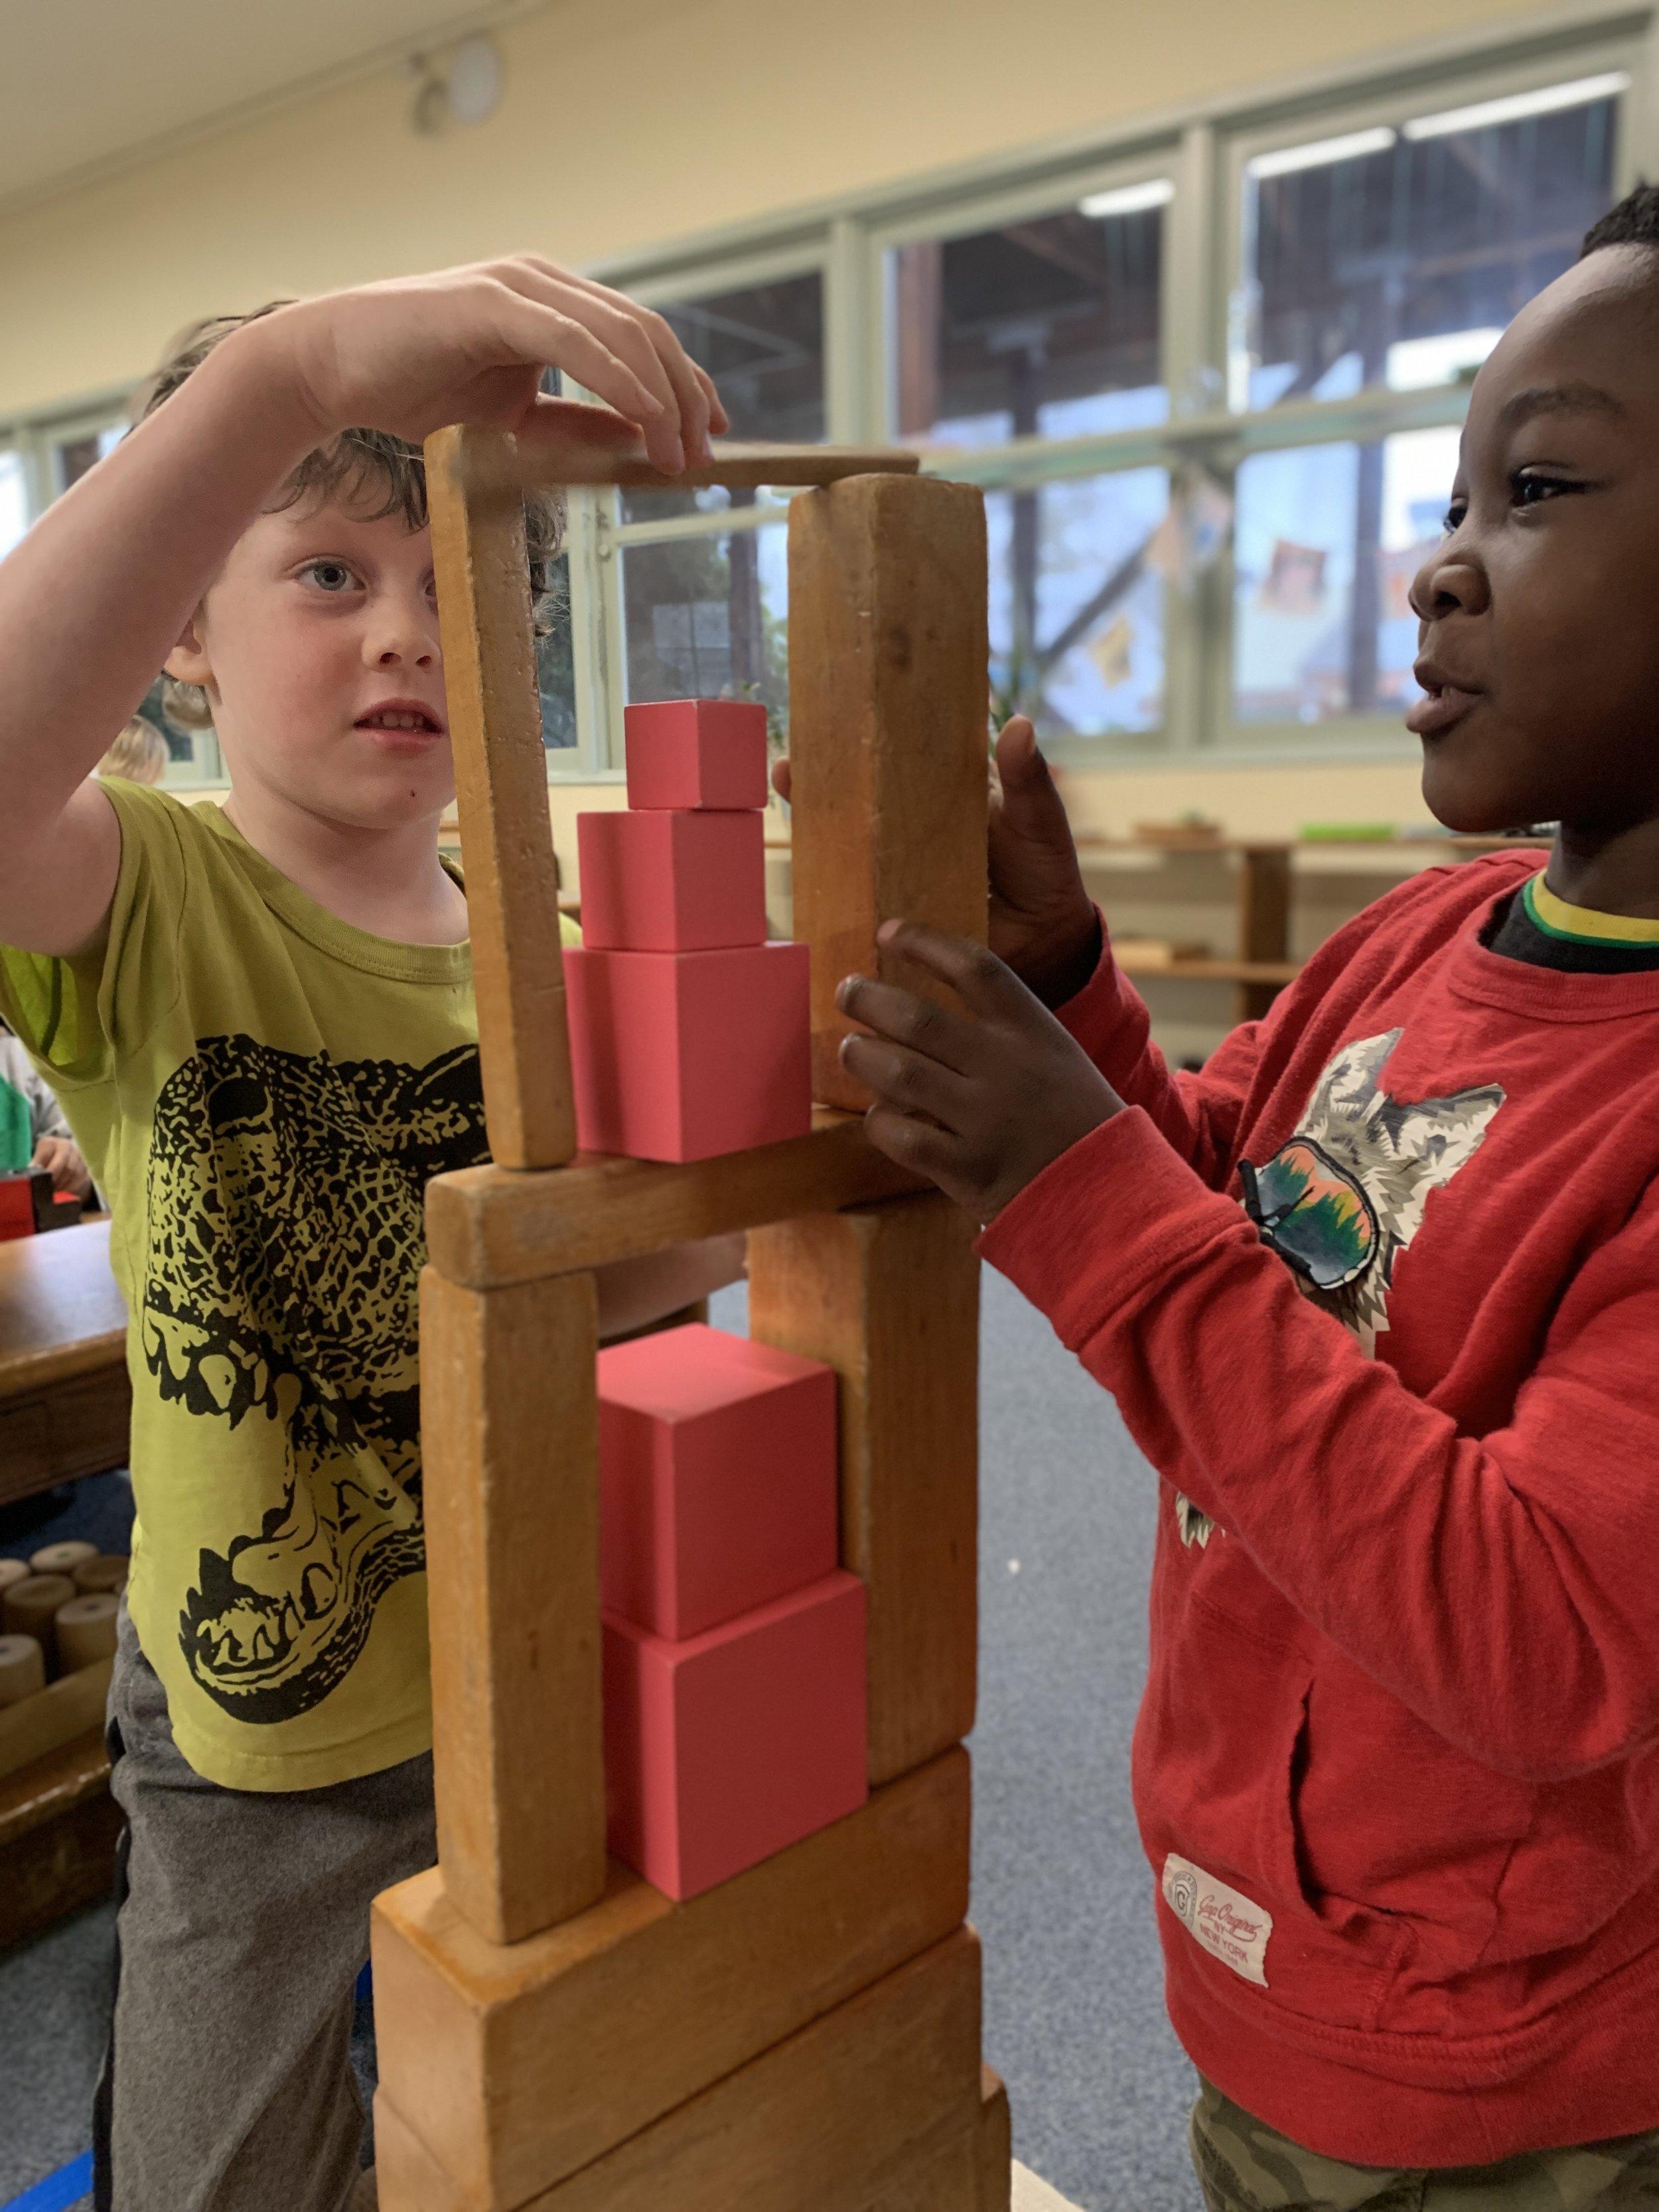 solomon evan pink cube brown stairs copy.jpeg